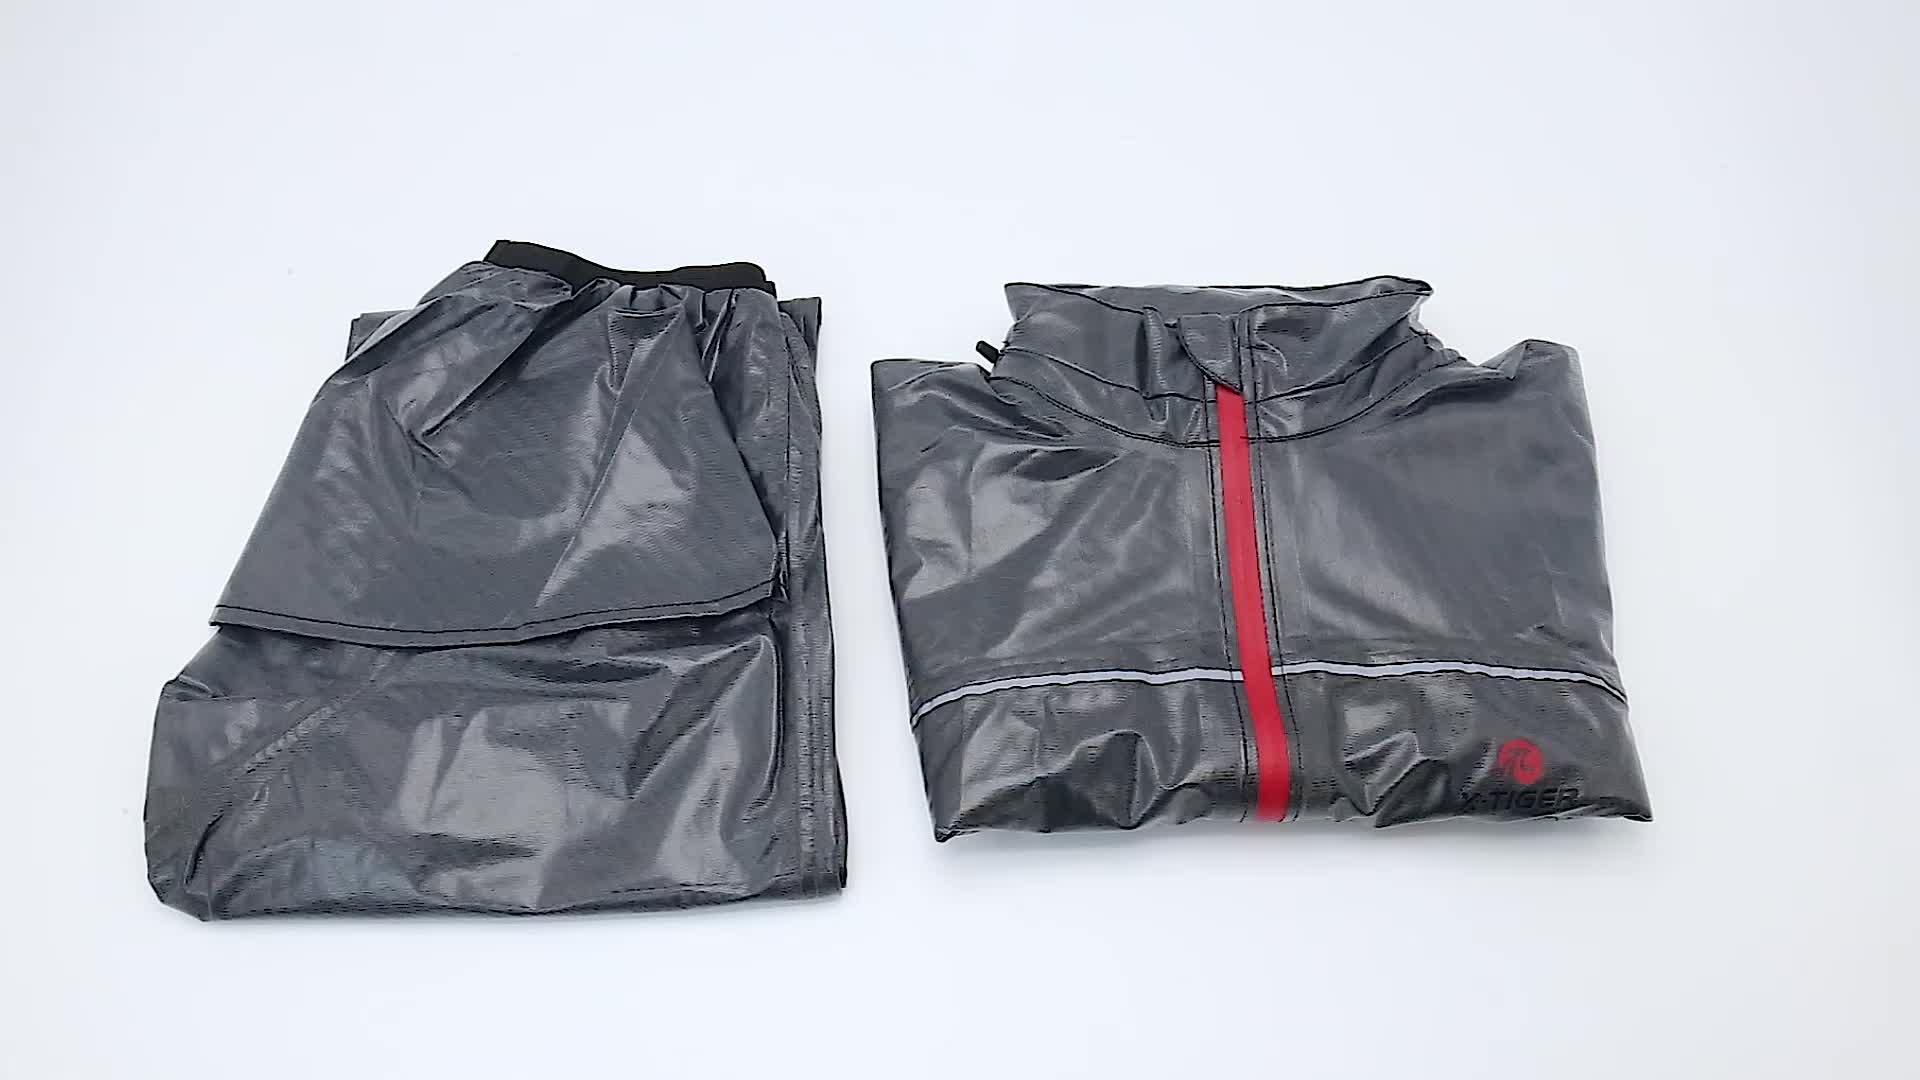 X-TIGERT Pro Radfahren Regenmantel Radfahren Jacke Radfahren Jersey Windcoat MTB Bike Kleidung Regendicht Wasserdichte Fahrrad Kleidung